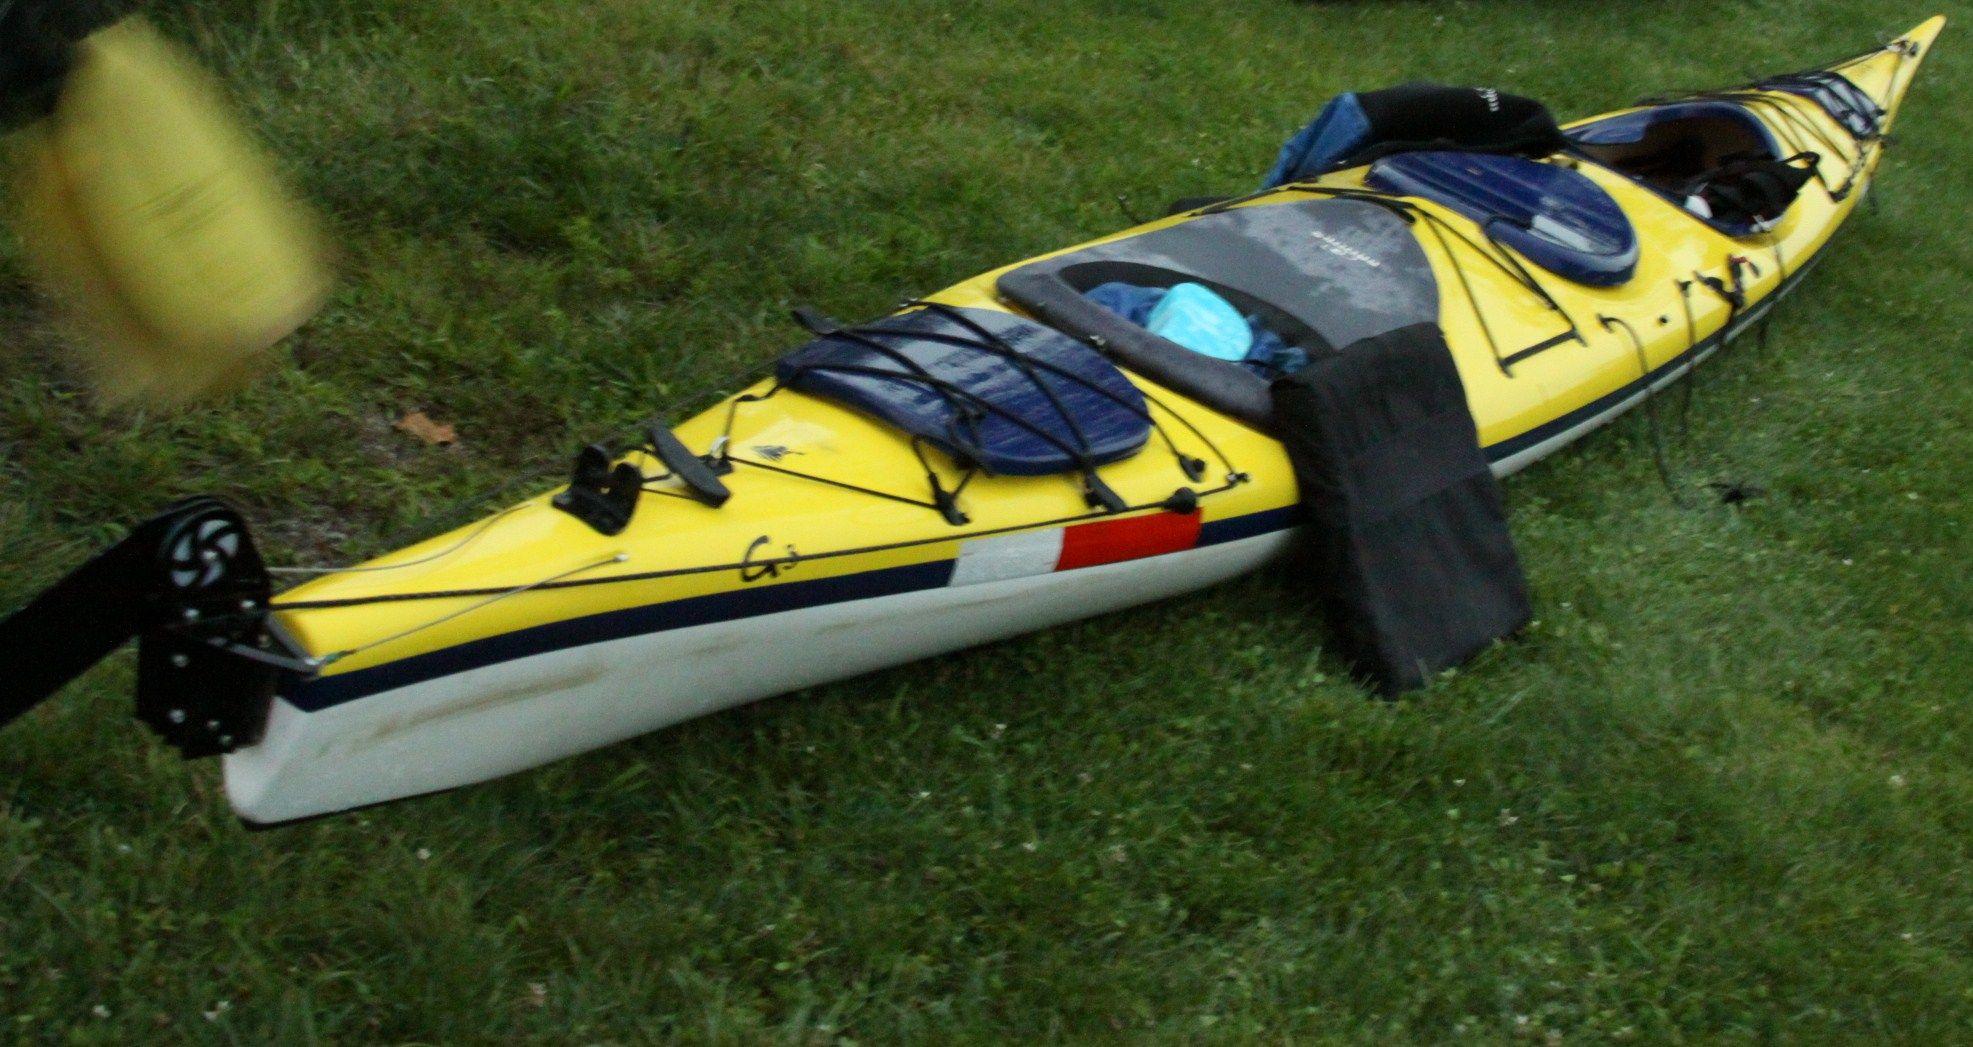 Used Tandem Kayak Rivermiles Forum 2007 Seaward Passat